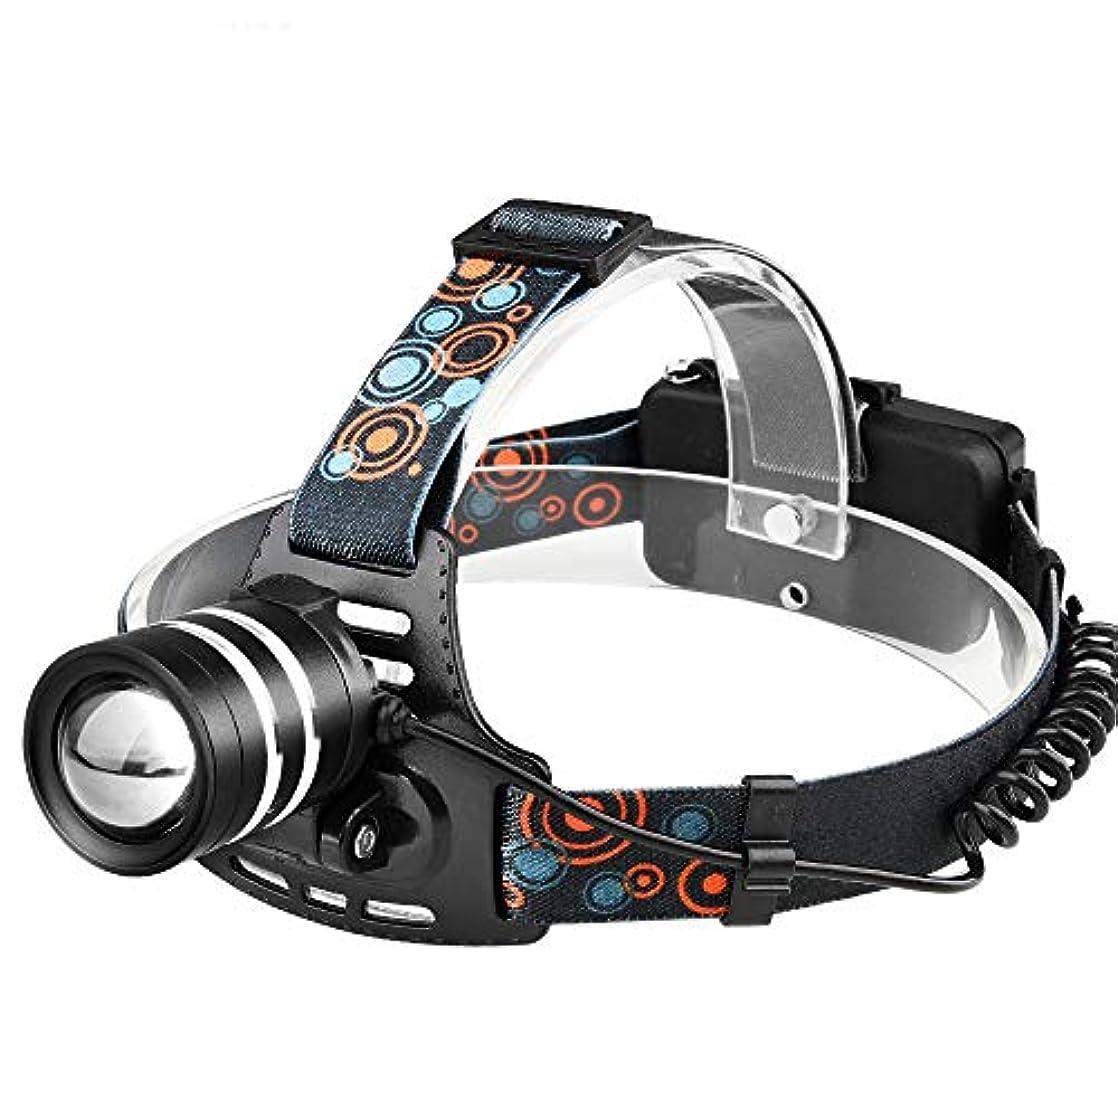 ゴミそよ風定期的1*XM-L T6 LED Headlight ヘッドランプ 赤色安全ライト ズーム模式 可充電式 ヘッドライト TangQI 高輝度 3点灯モード 18650電池 アウトドア キャンプ 防水 停電時用 ハイキング サイクリング 防災 登山 夜釣り 夜間走行 ウォーキング スポーツ 野外活動 自転車 作業に適用